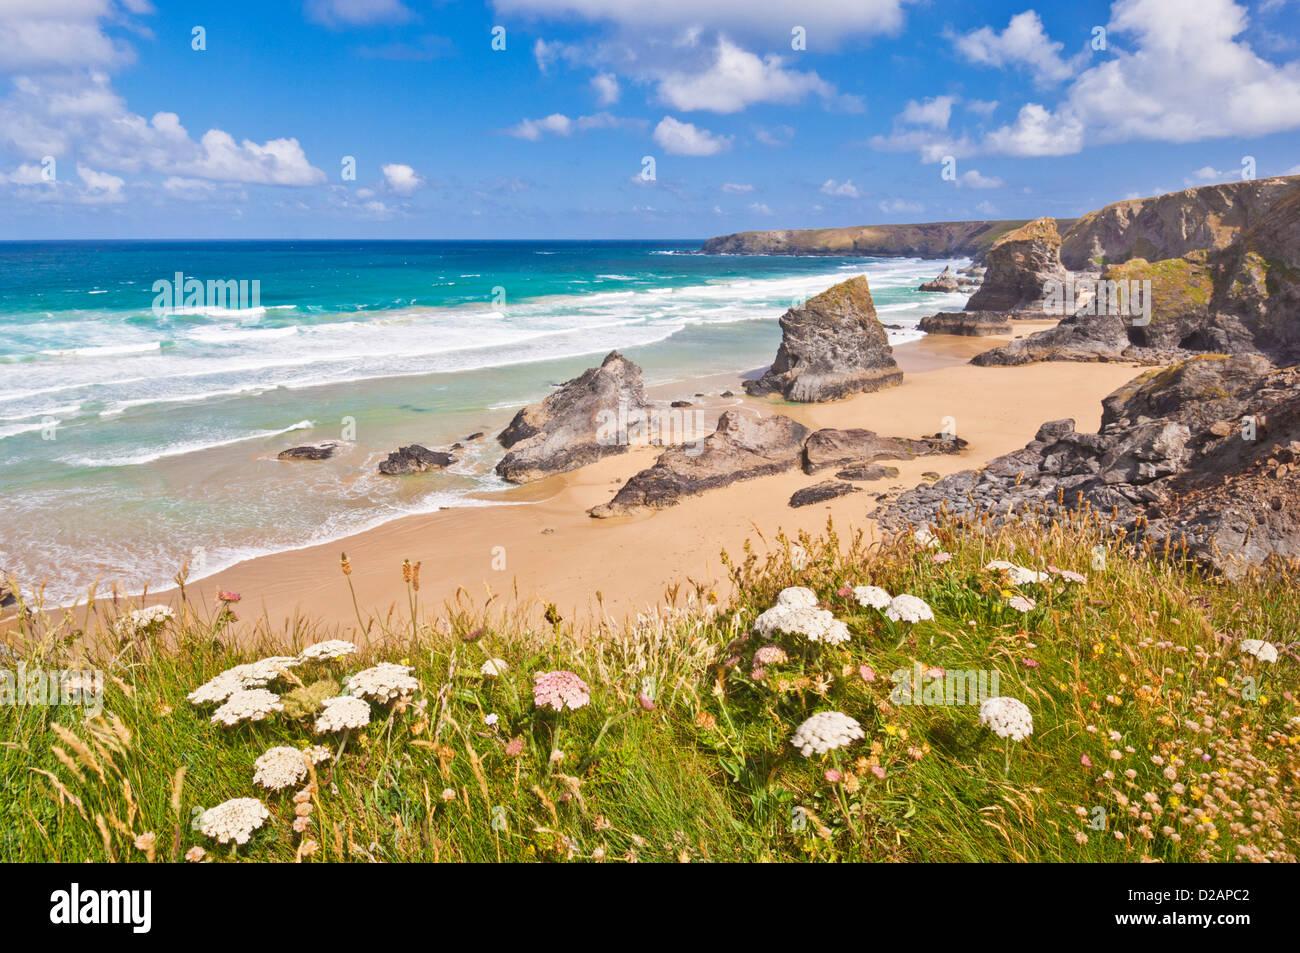 Tregurrian e la spiaggia con la bassa marea North Cornwall Inghilterra UK GB EU Europe Immagini Stock